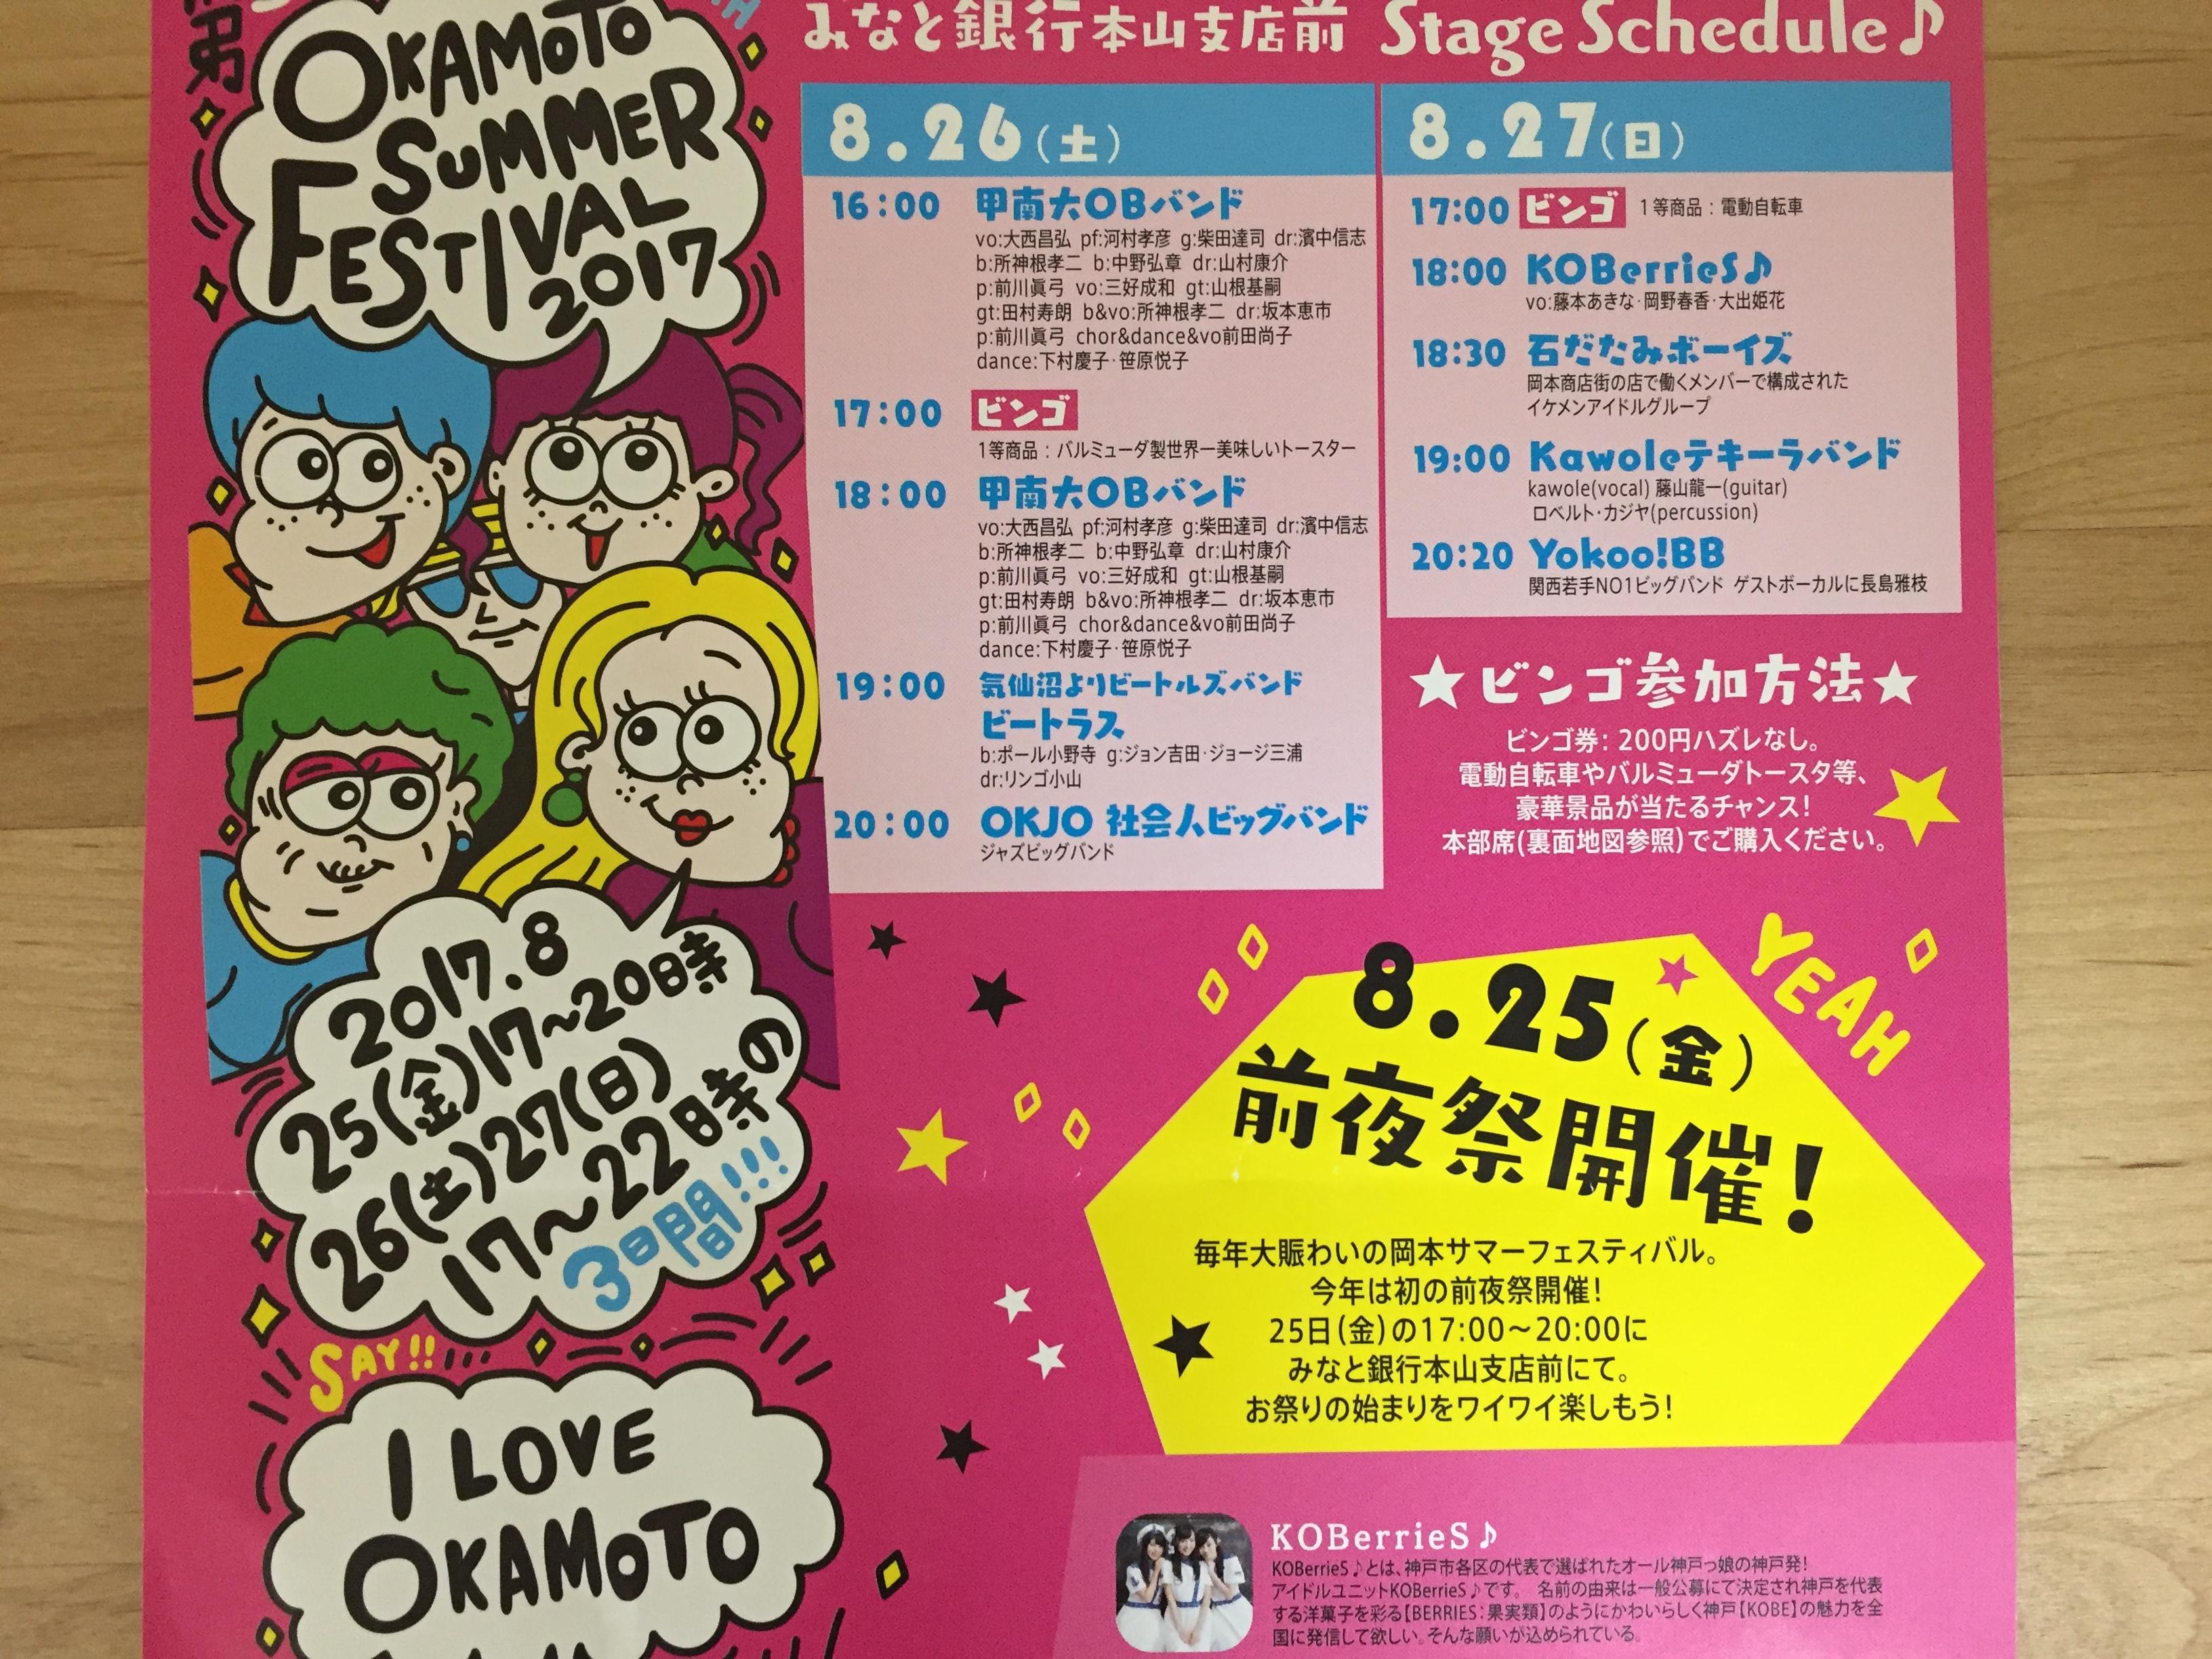 神戸・岡本商店街で8/25 〜8/27「第35回岡本サマーフェスティバル2017」が開催されるよ! #岡本サマーフェスティバル